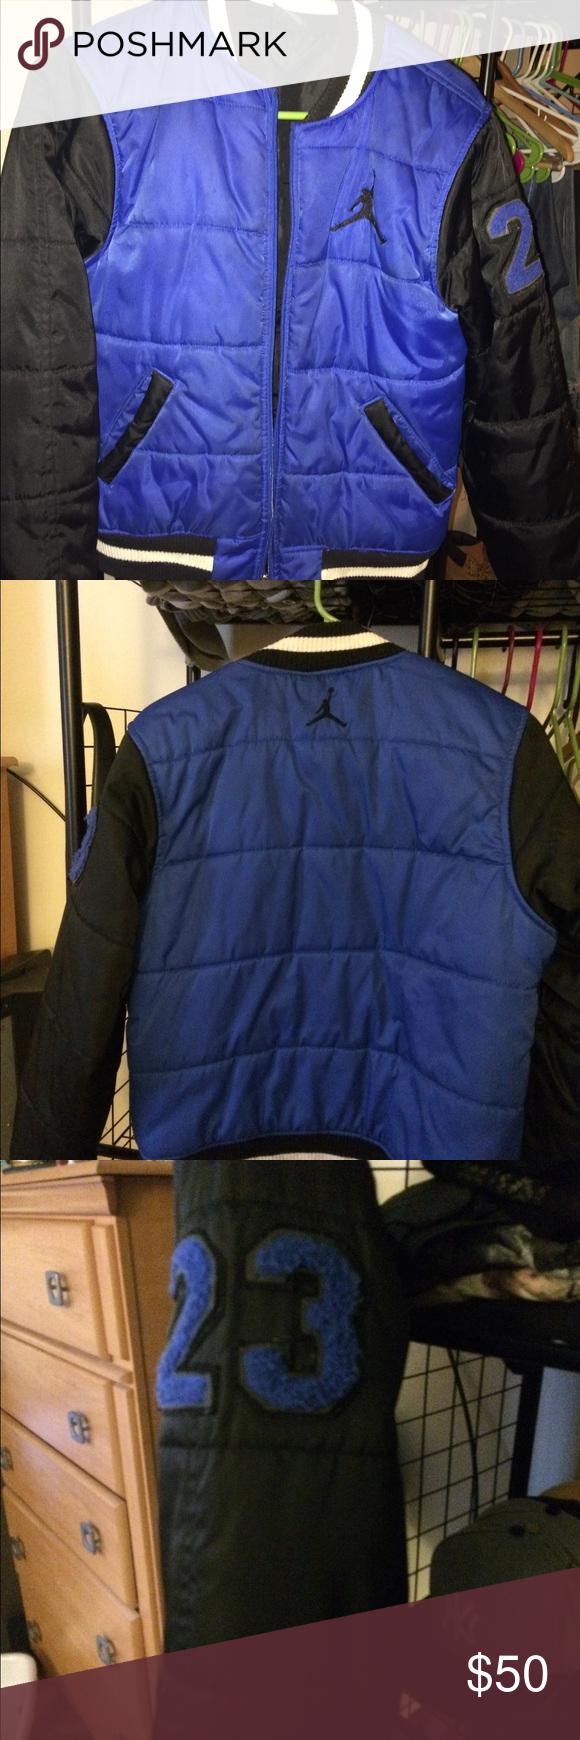 969cd93a3a9a blue boys jordan coat jordan jackets for boys